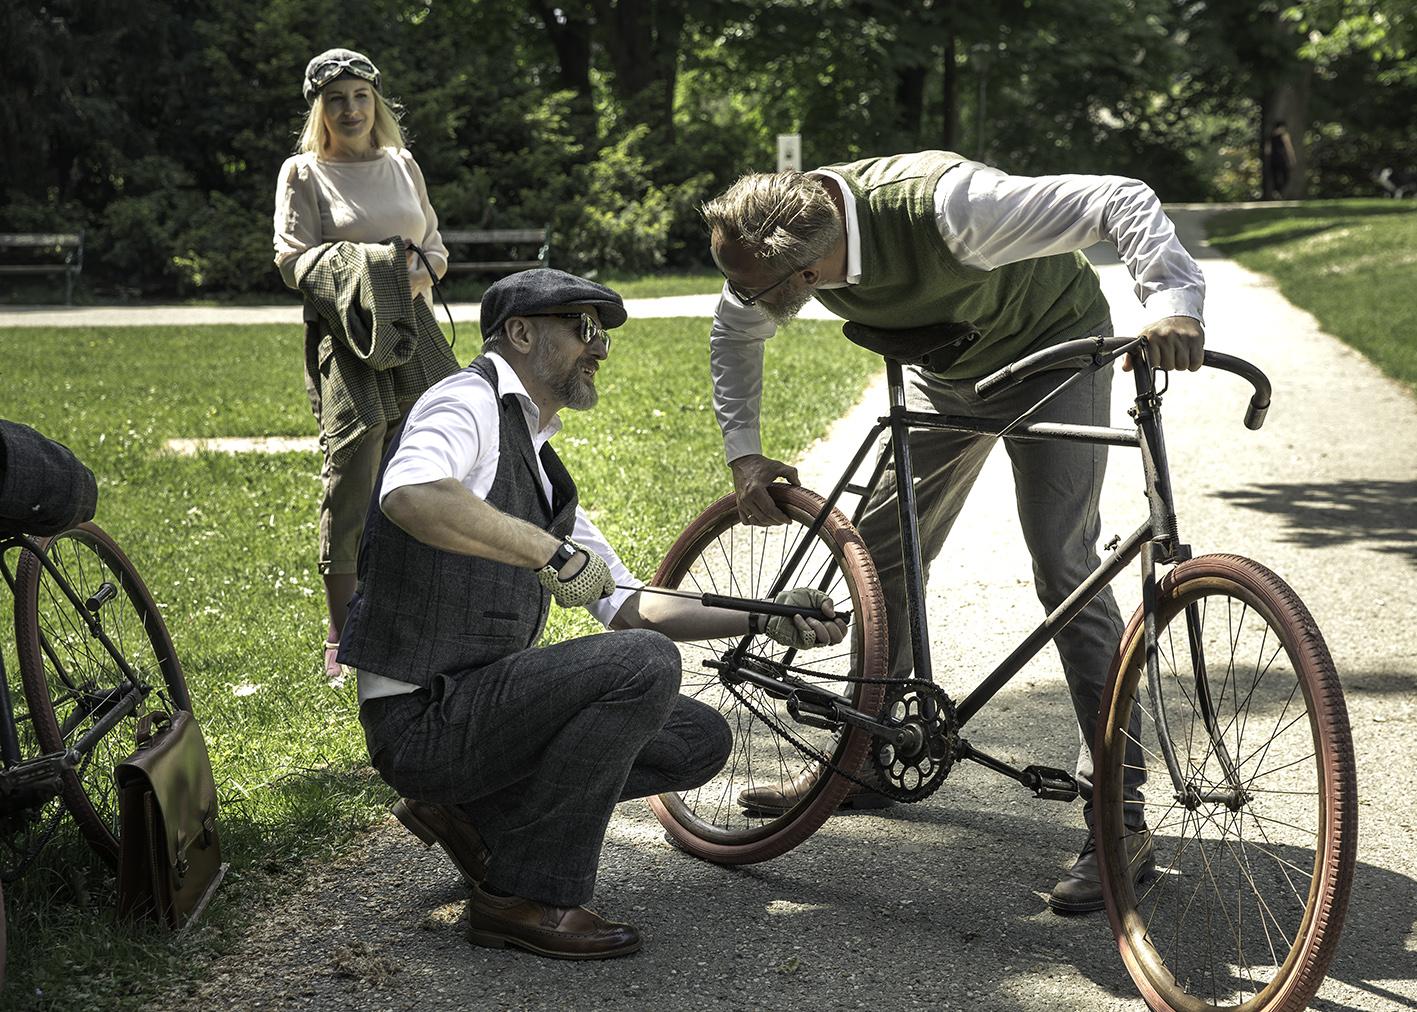 Radfahrer_Pumpen_375A4530